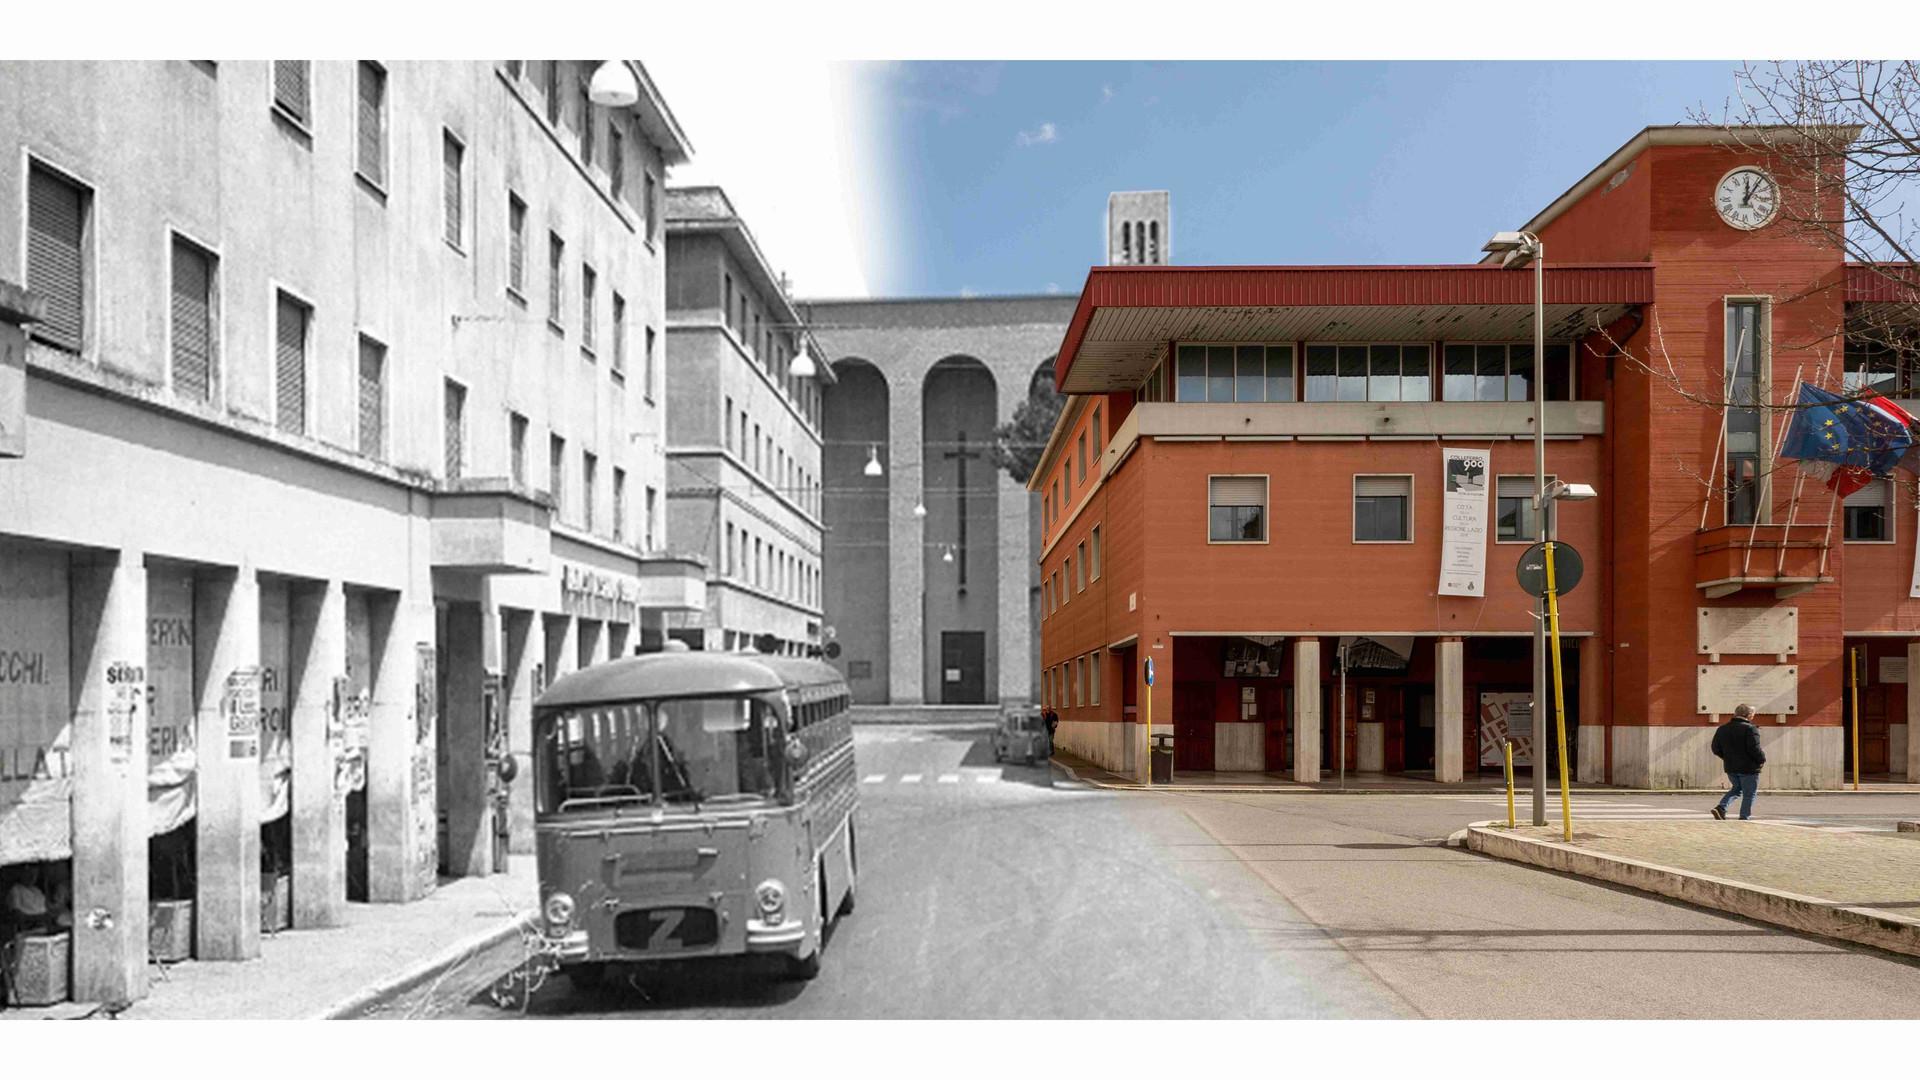 60x60 piazza italia 2compress.jpg